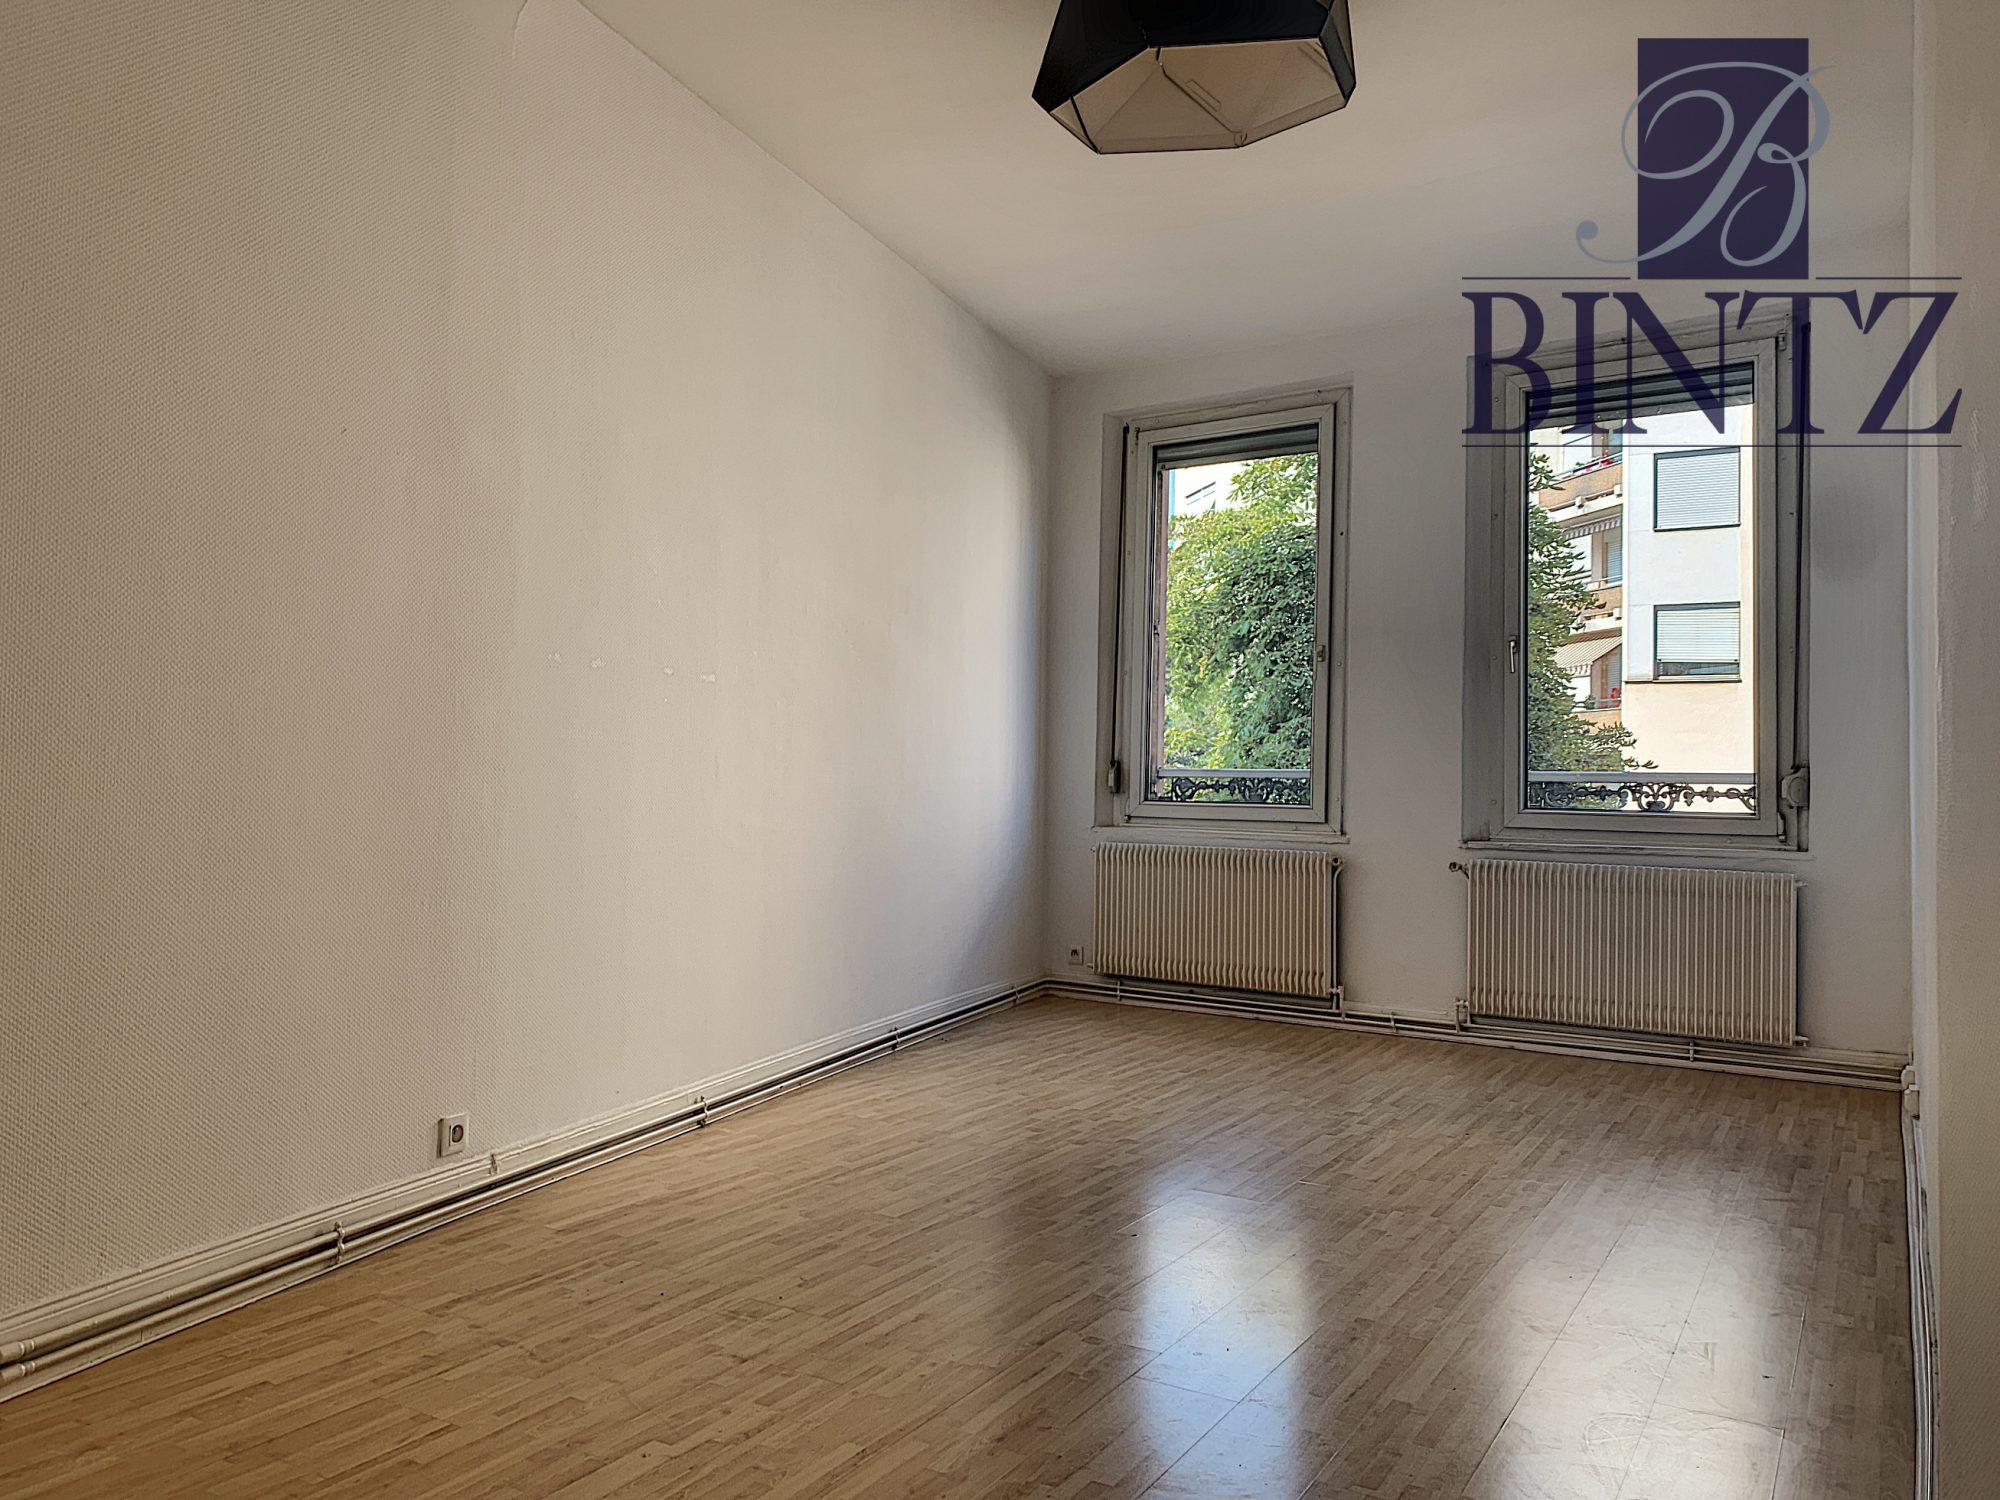 2 PIÈCES RUE DE ZURICH - Devenez locataire en toute sérénité - Bintz Immobilier - 8